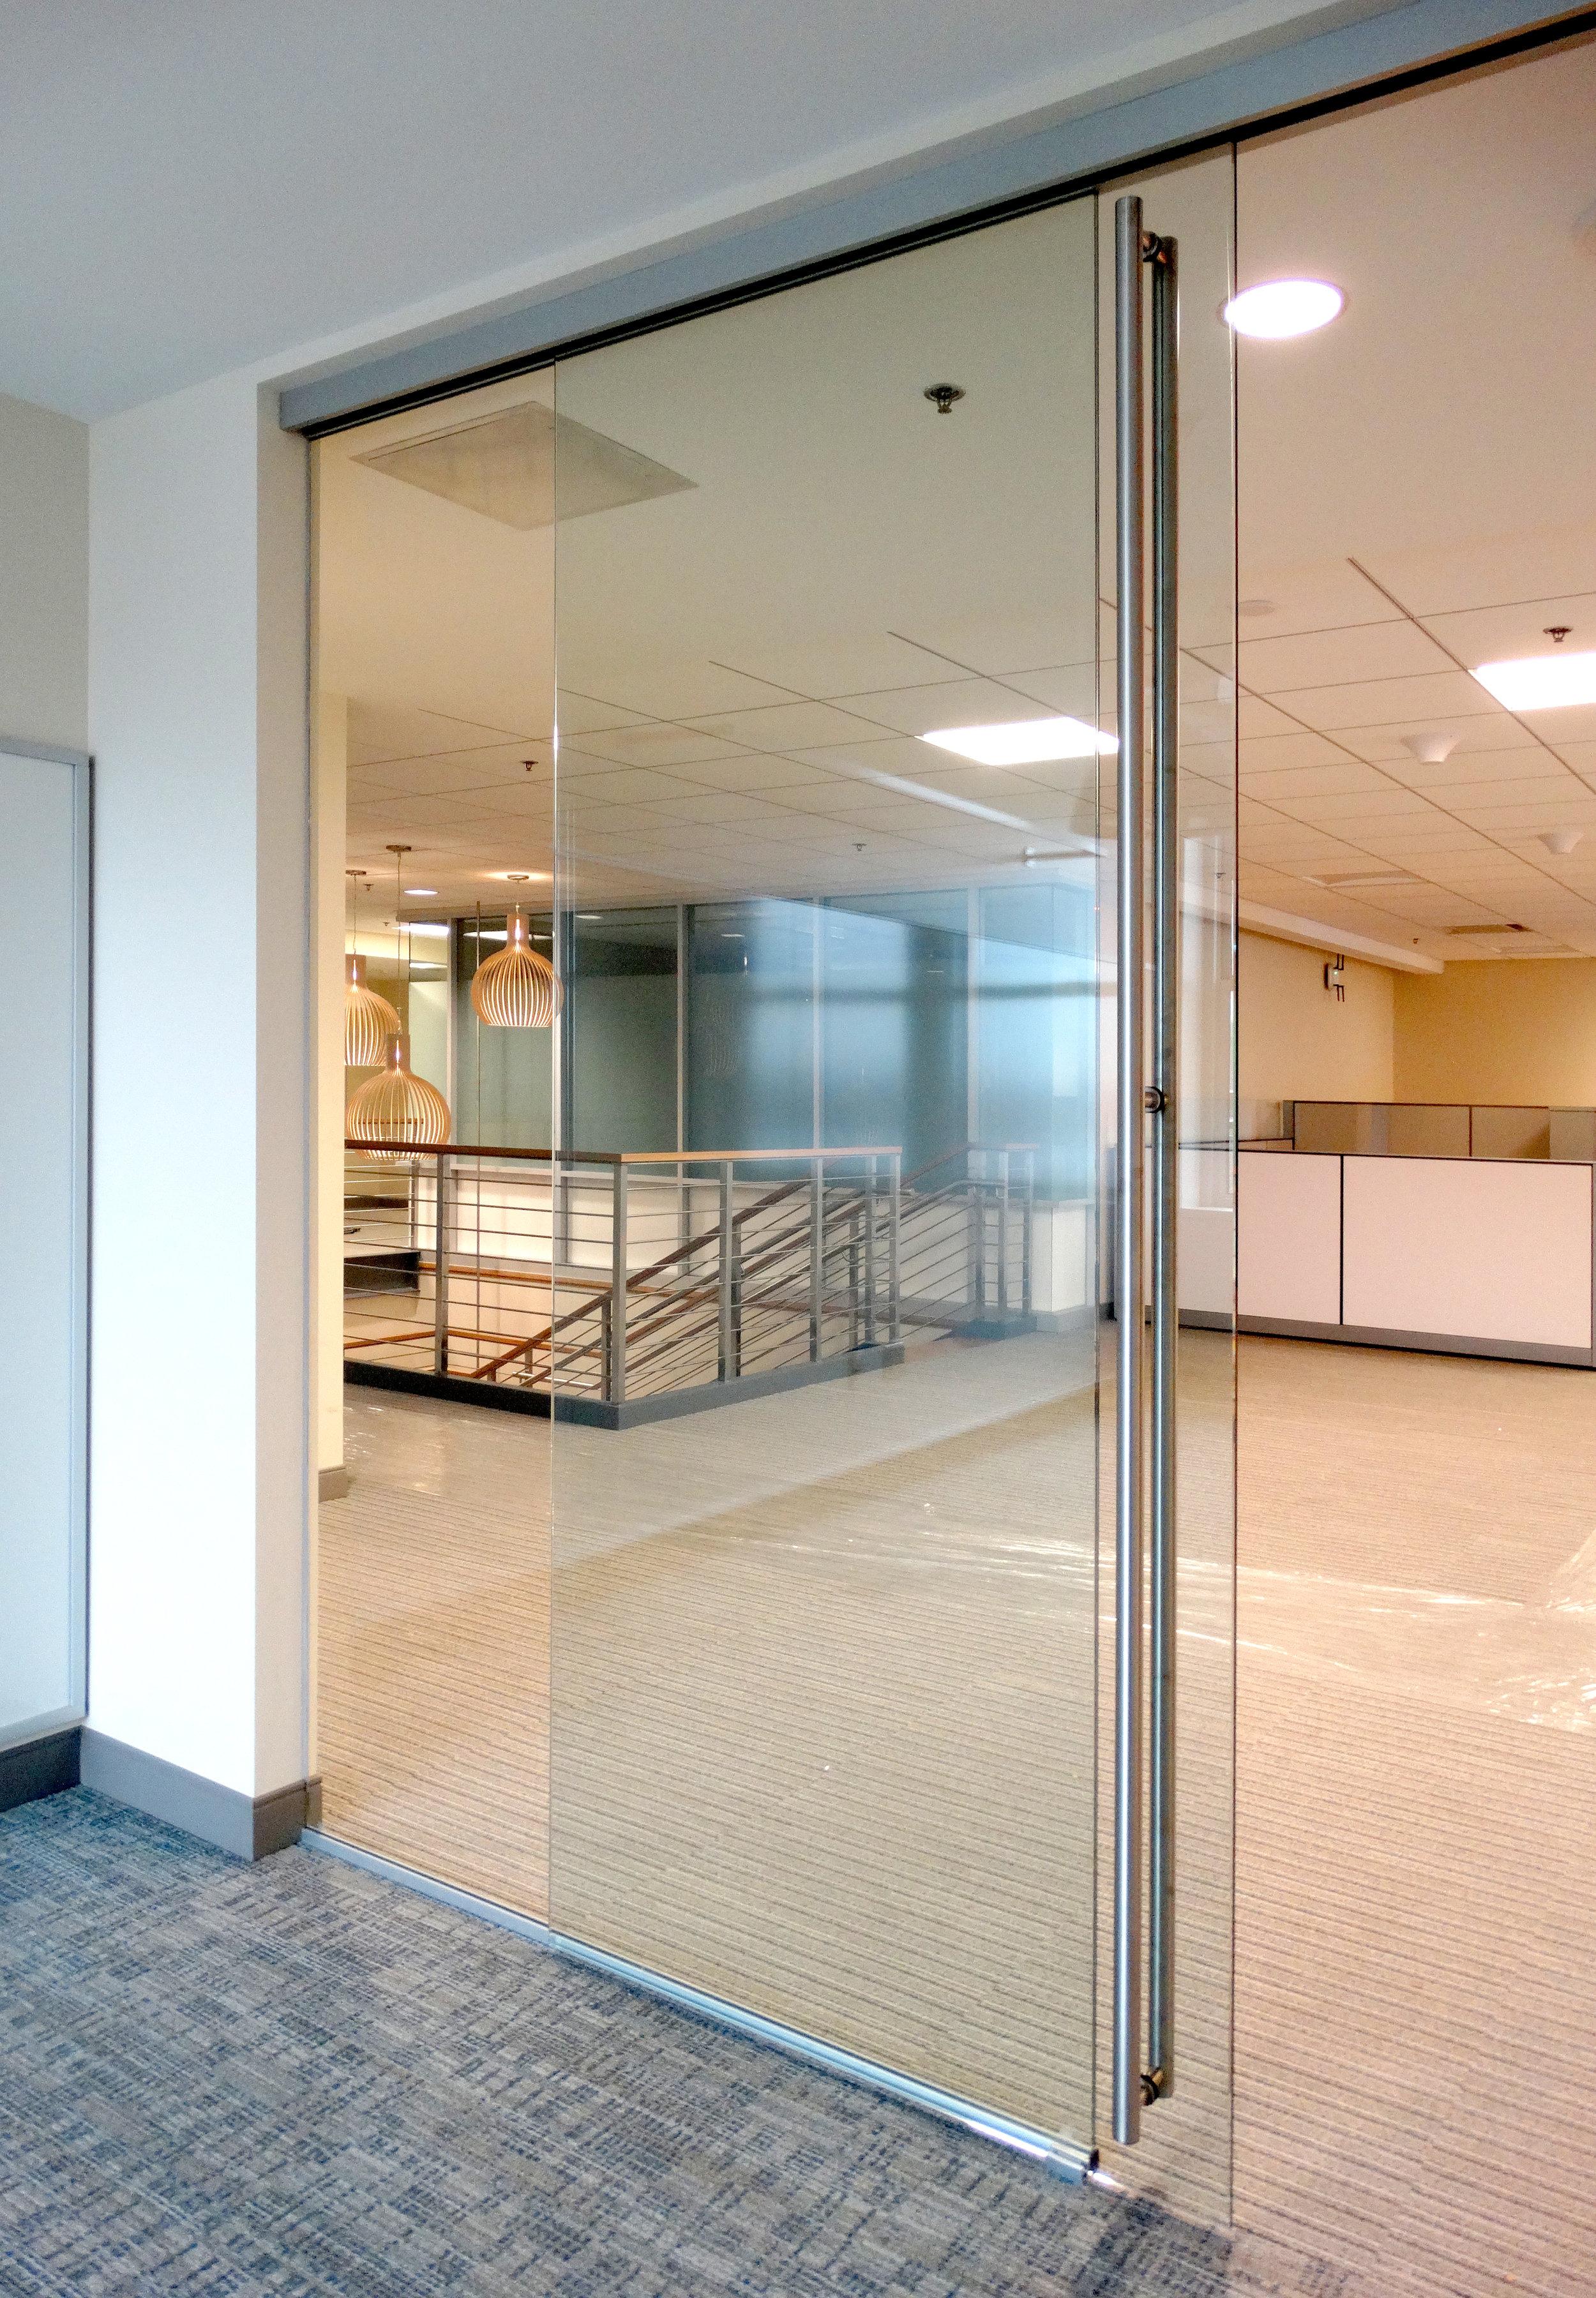 Encase Frameless Glass Sliding Door Office Wall - Spaceworks AI.jpg